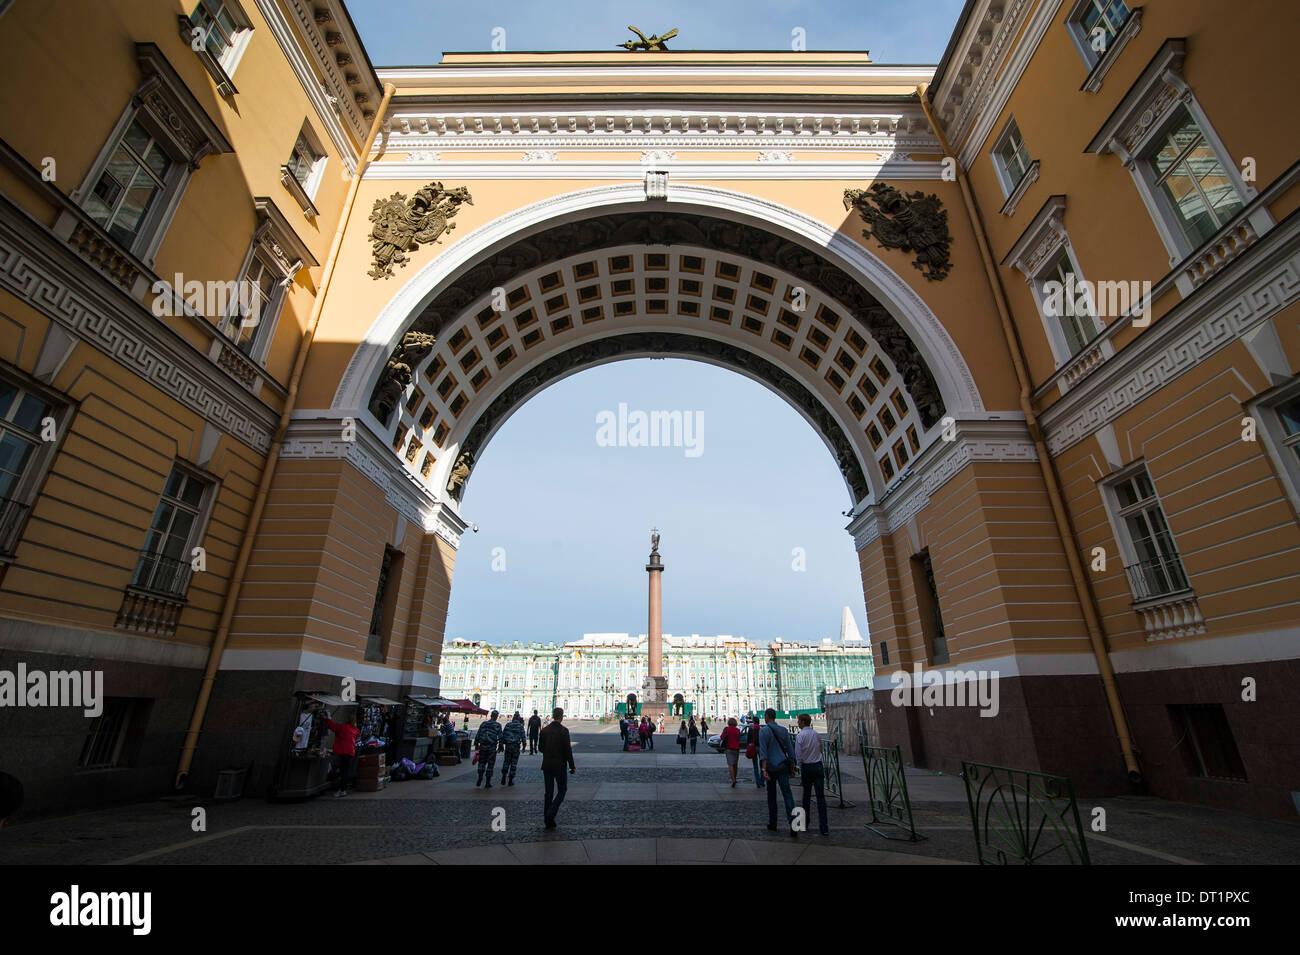 La piazza del palazzo con la colonna di Alexander di fronte all'Eremo (Palazzo d'inverno), sito UNESCO, San Pietroburgo, Russia Immagini Stock